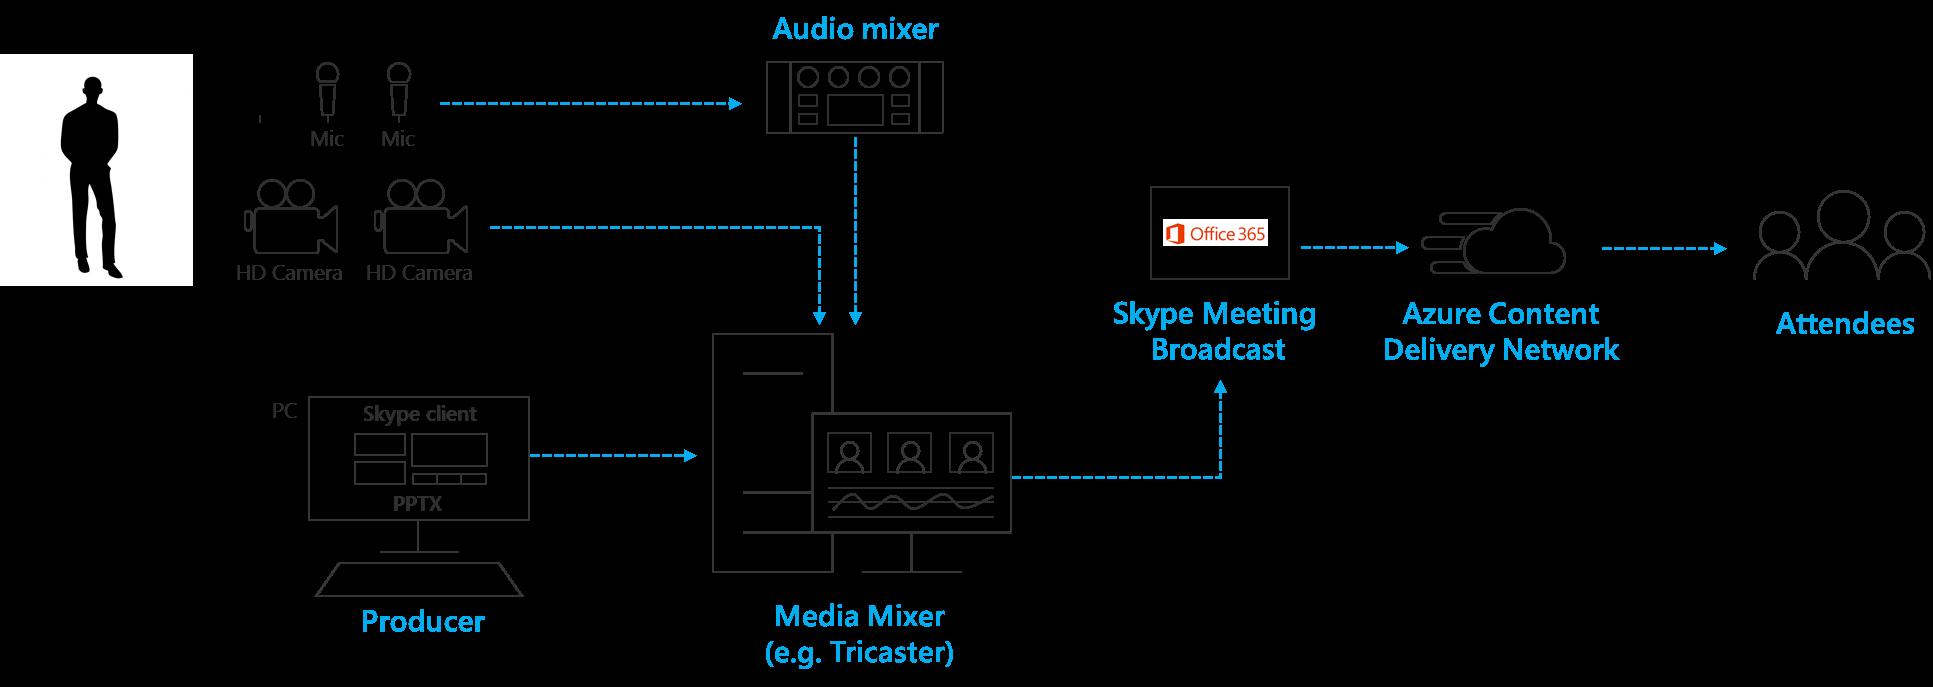 Umsteigen von mehreren Datenquellen in einer Hardware Vision mixer